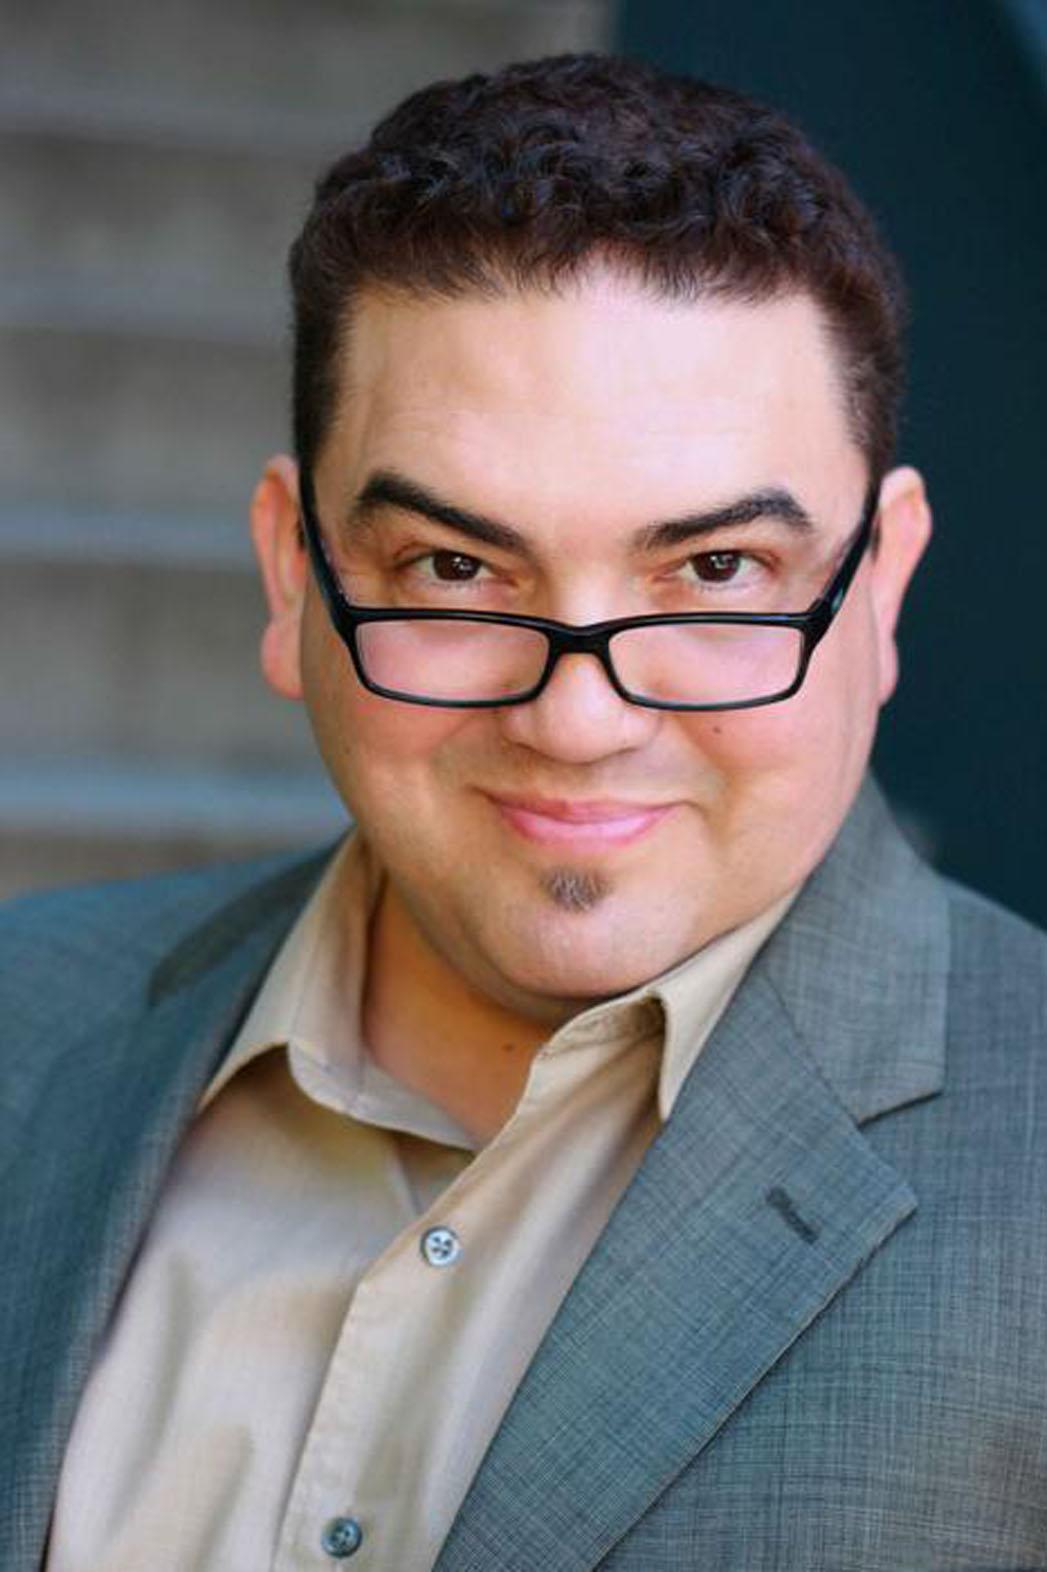 Daniel R. Escobar Headshot - P 2013